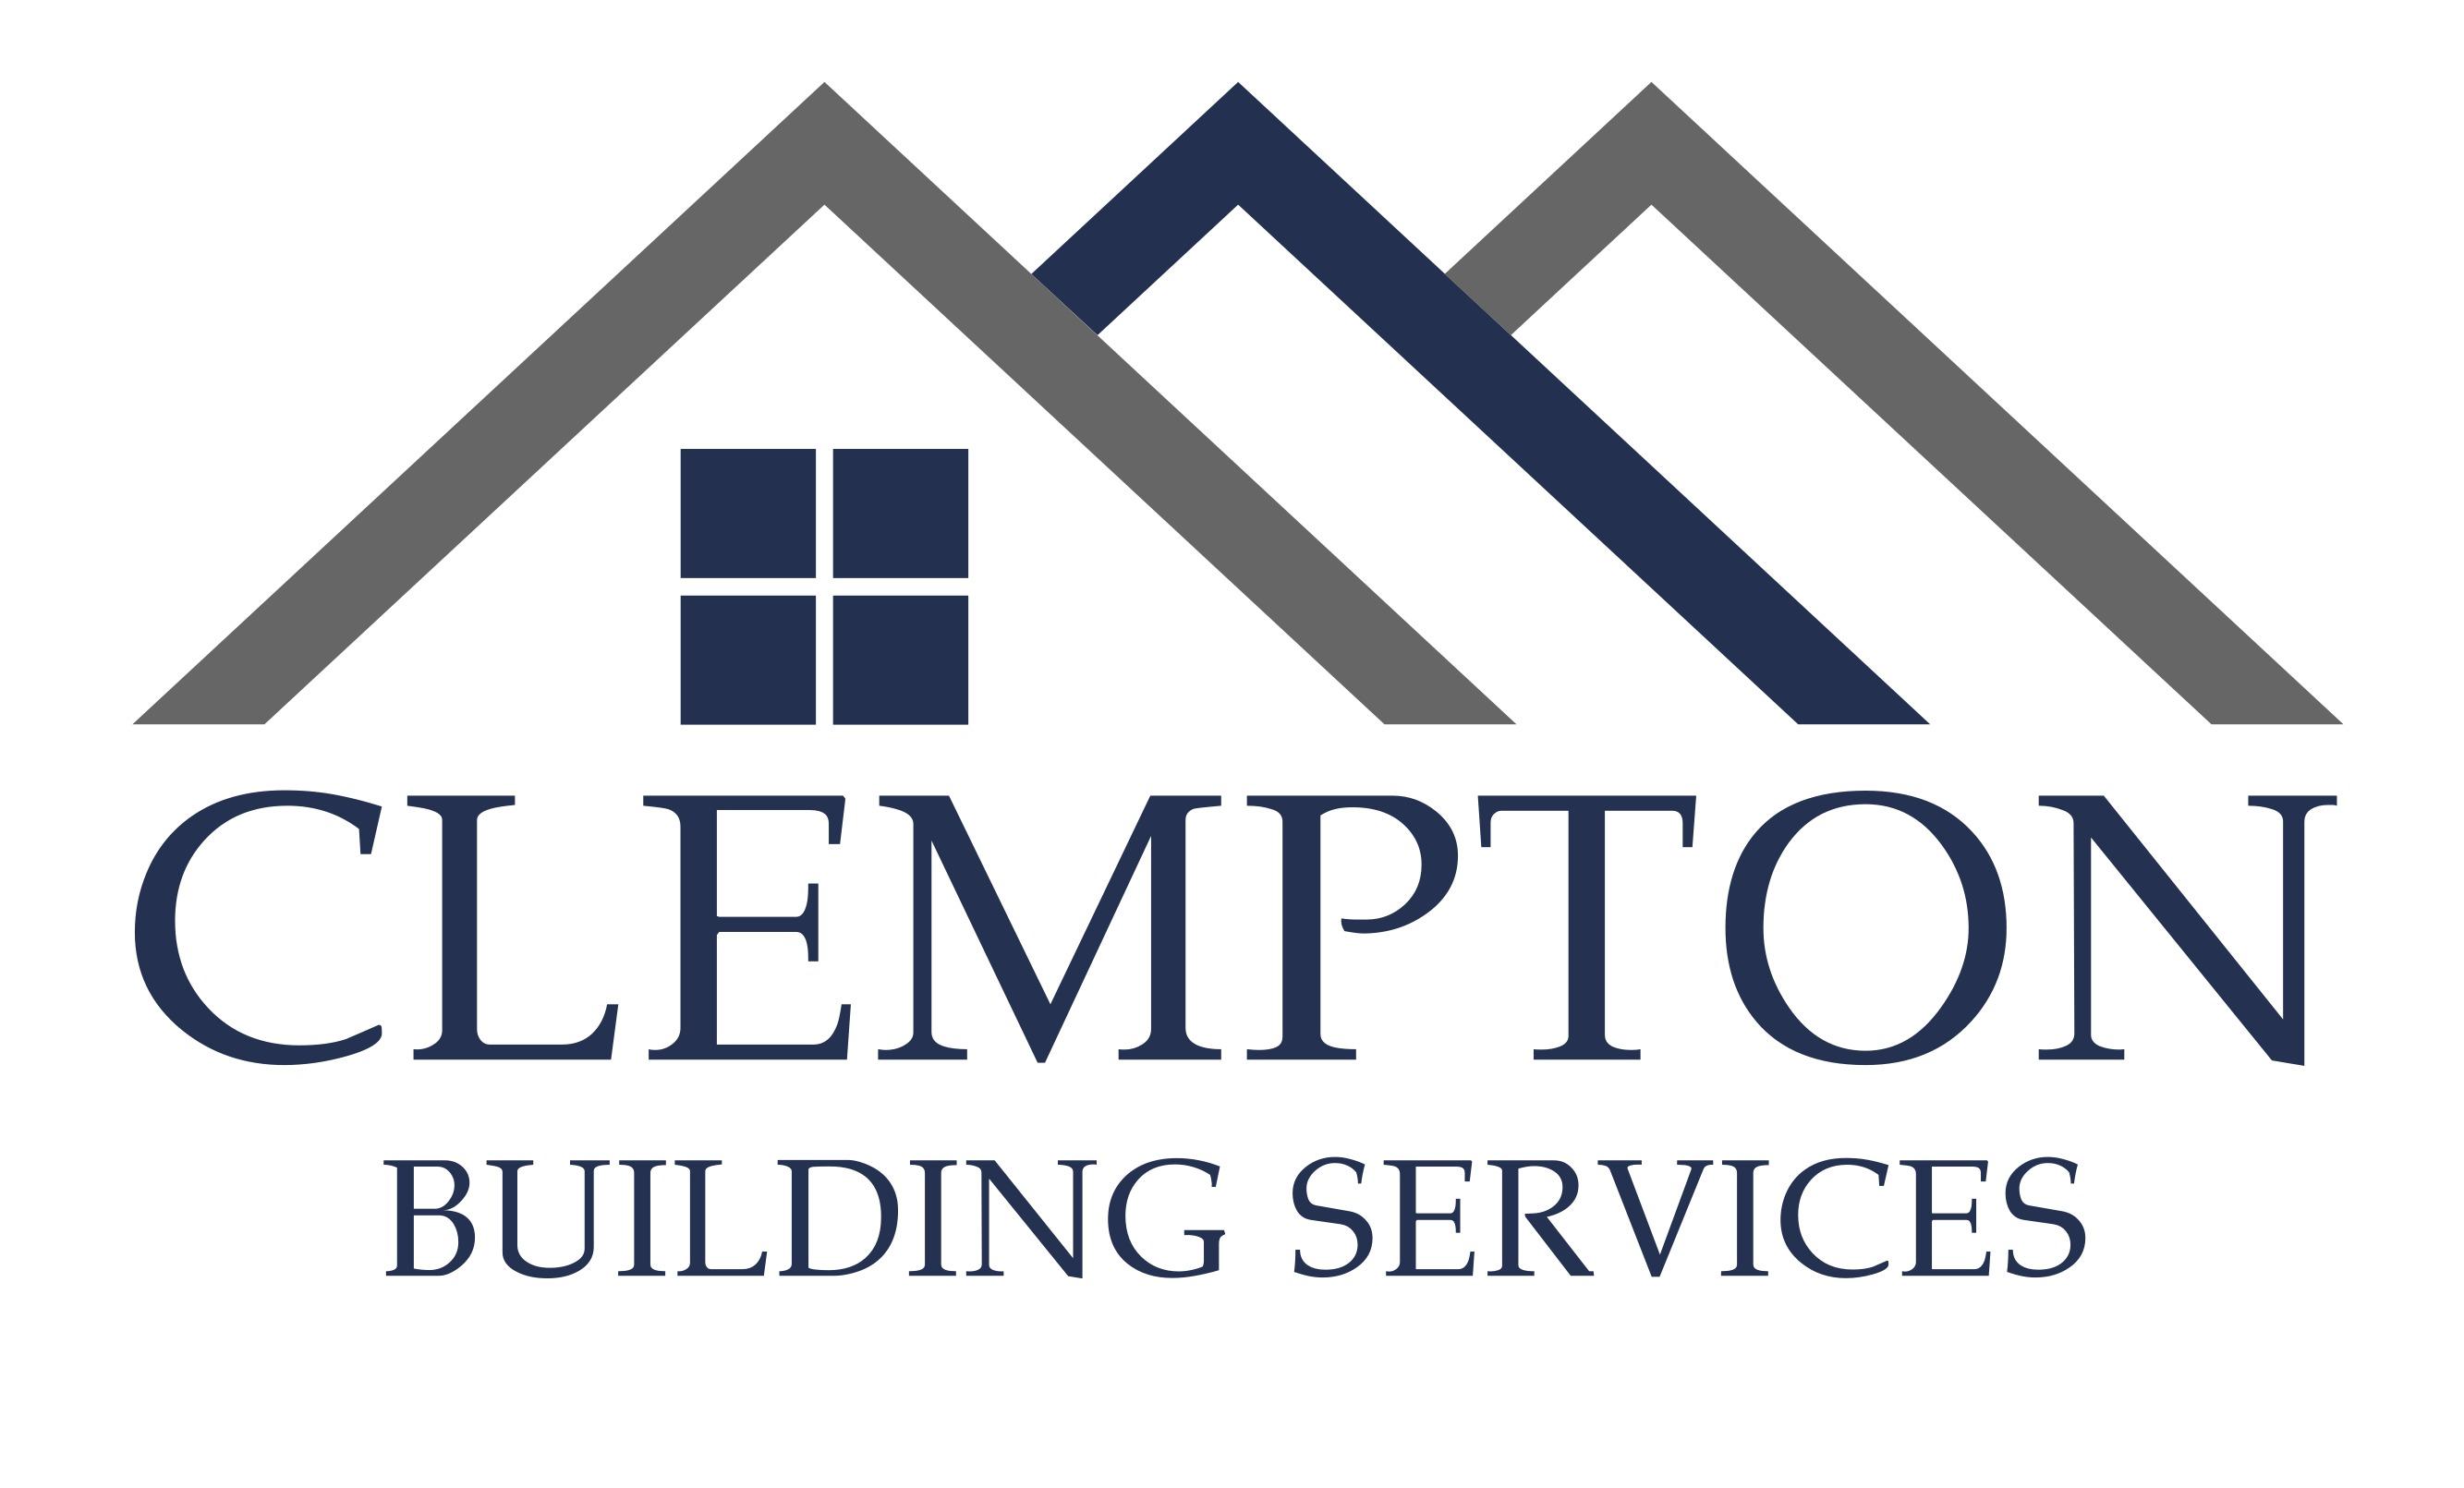 Clempton Building Services